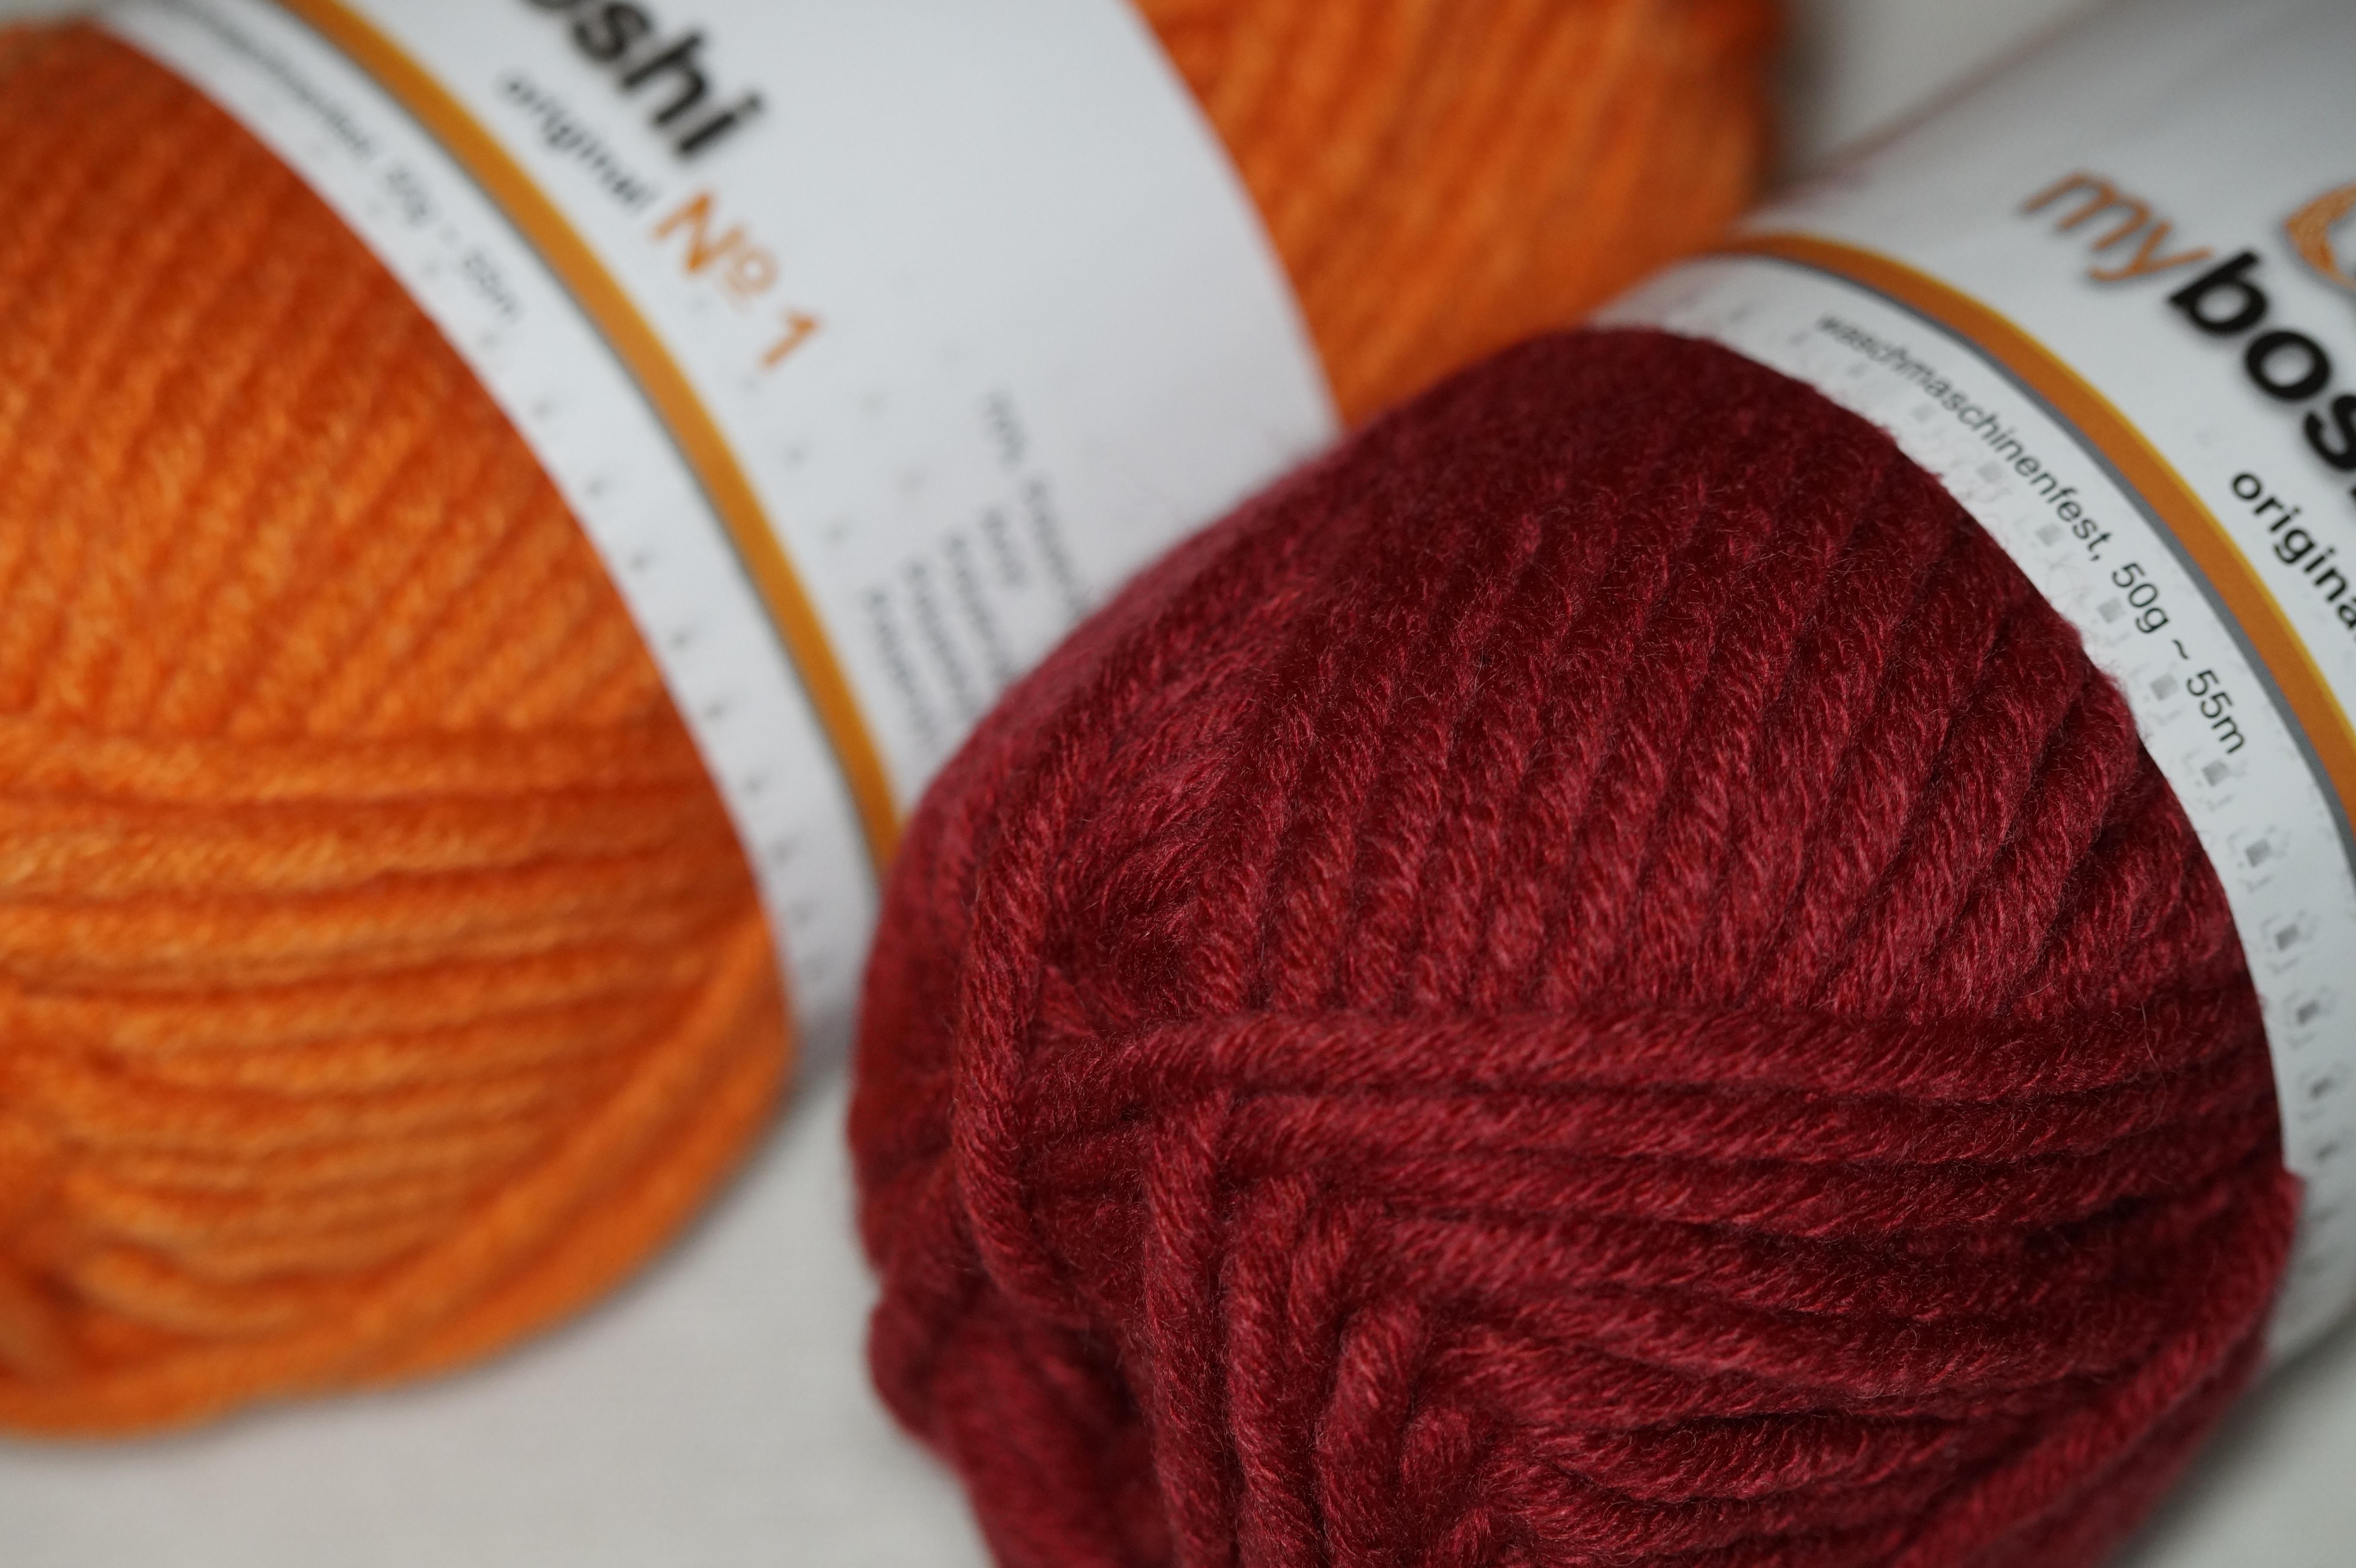 Fotos gratis : patrón, material, hilo, de lana, tejer, tejido de ...